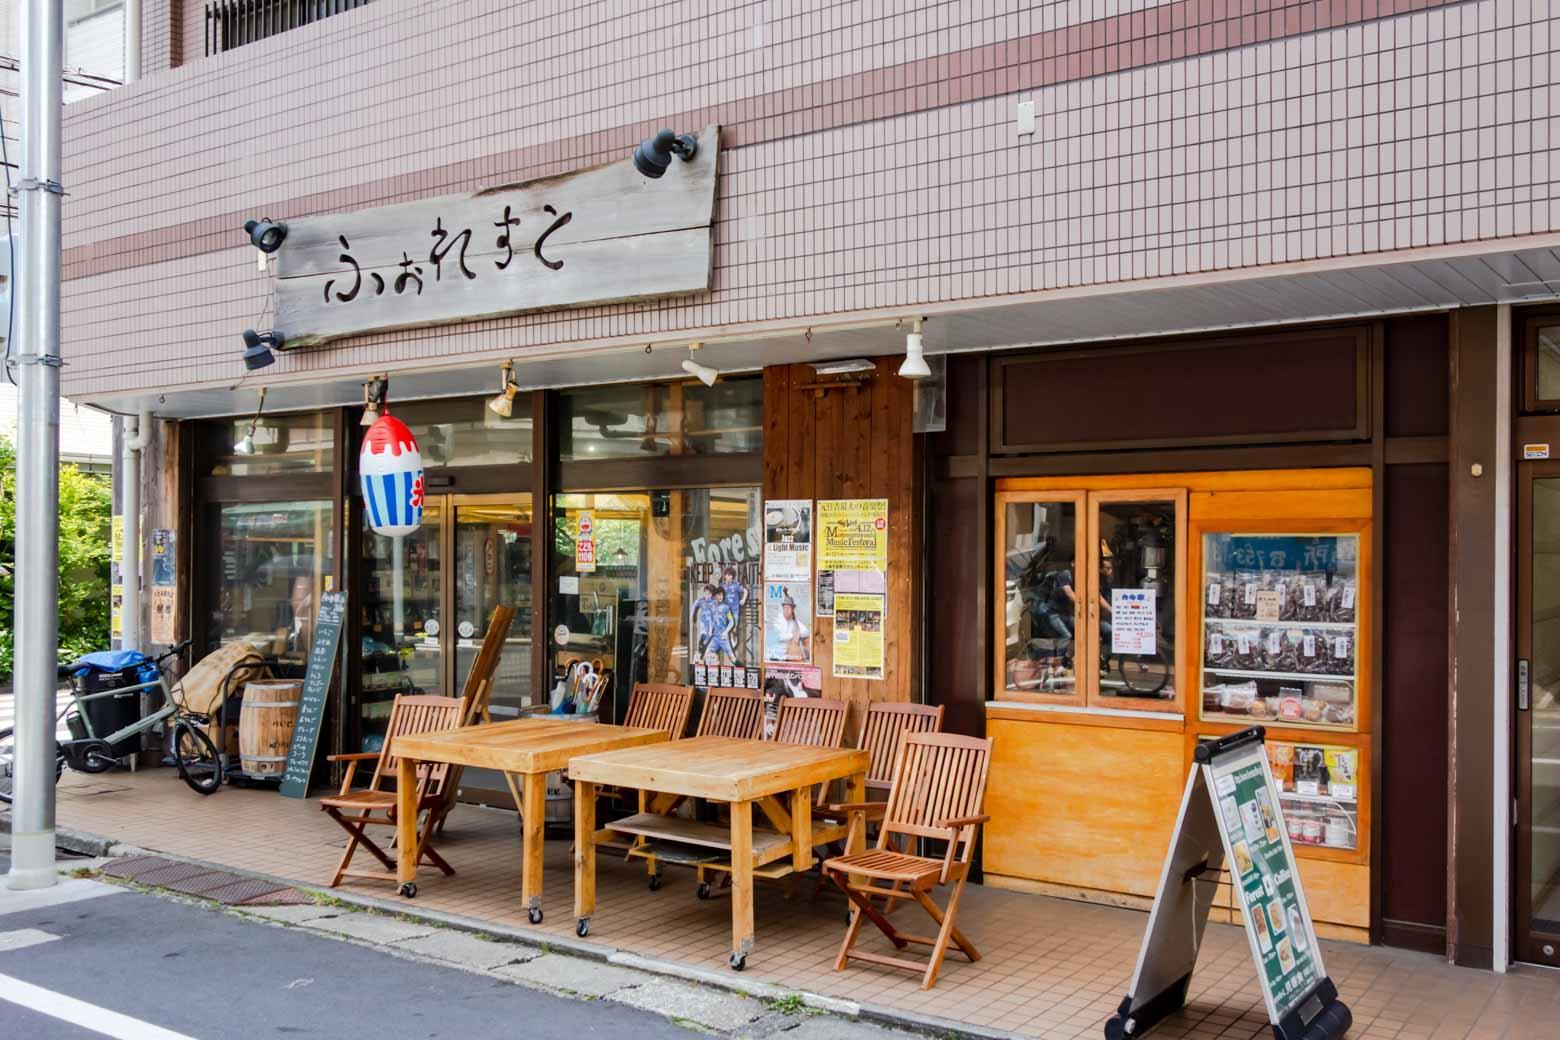 今回はブレーメン通りにある〈FOREST COFFEE〉というカフェをセレクト。この外観、たまりませんね。僕の勘が「ぜったいに美味しいよ」とささやいています。